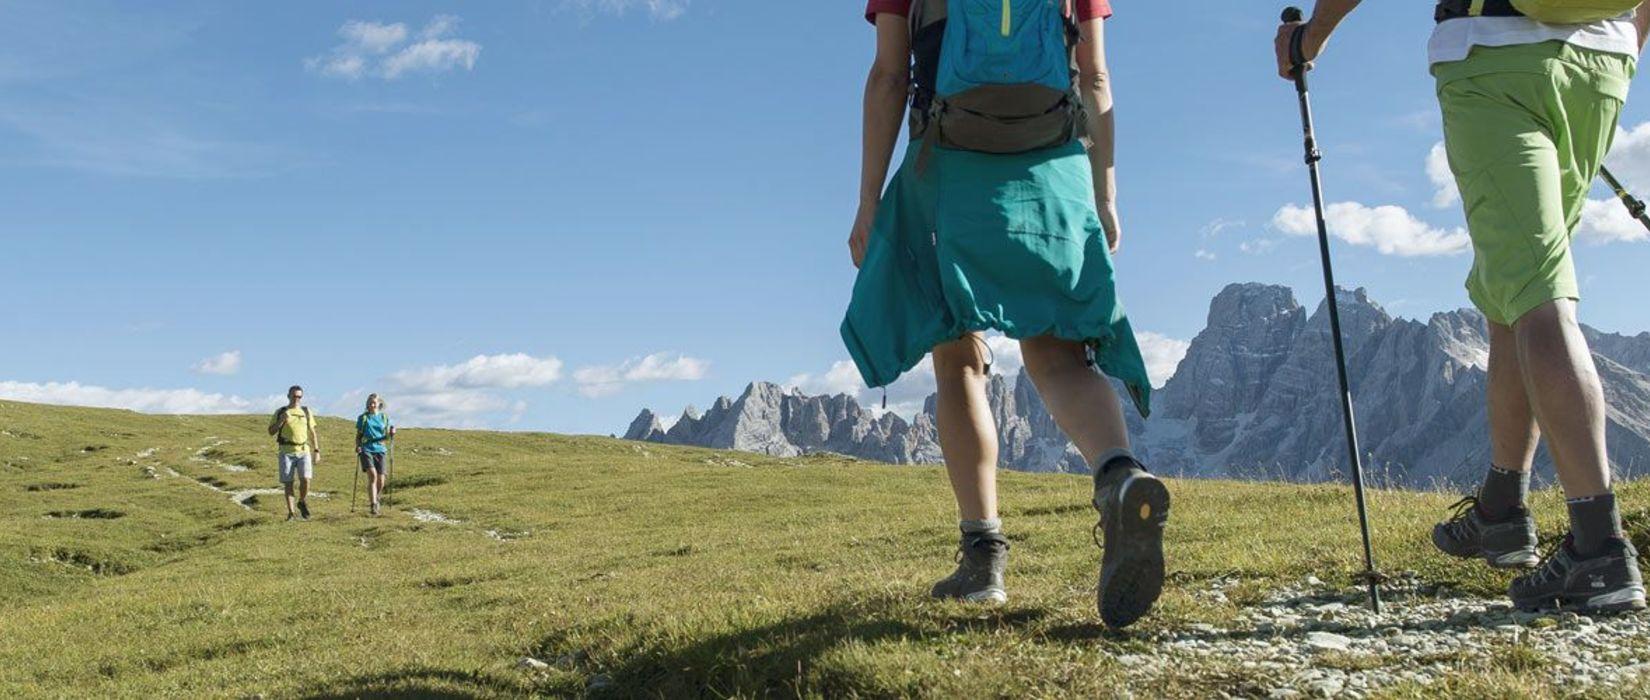 Erholsame Naturerlebnisse in Südtirols Bergen